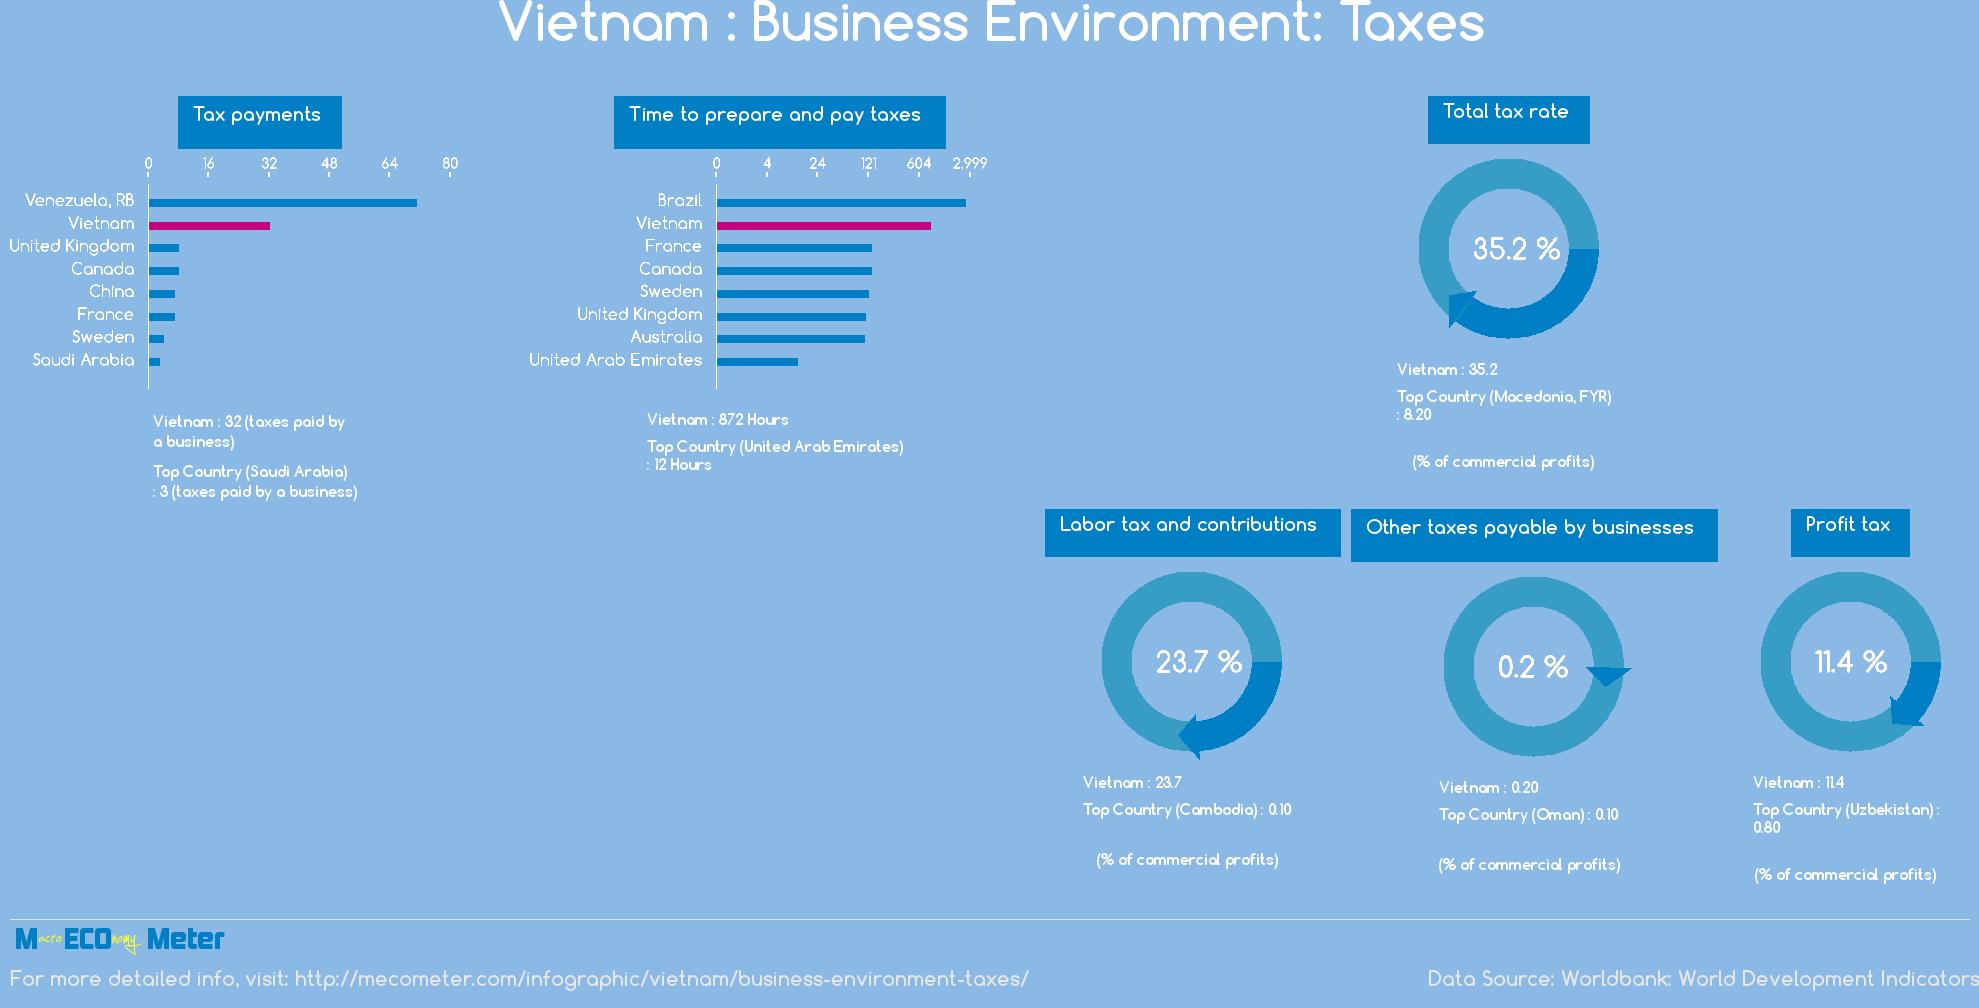 Vietnam : Business Environment: Taxes